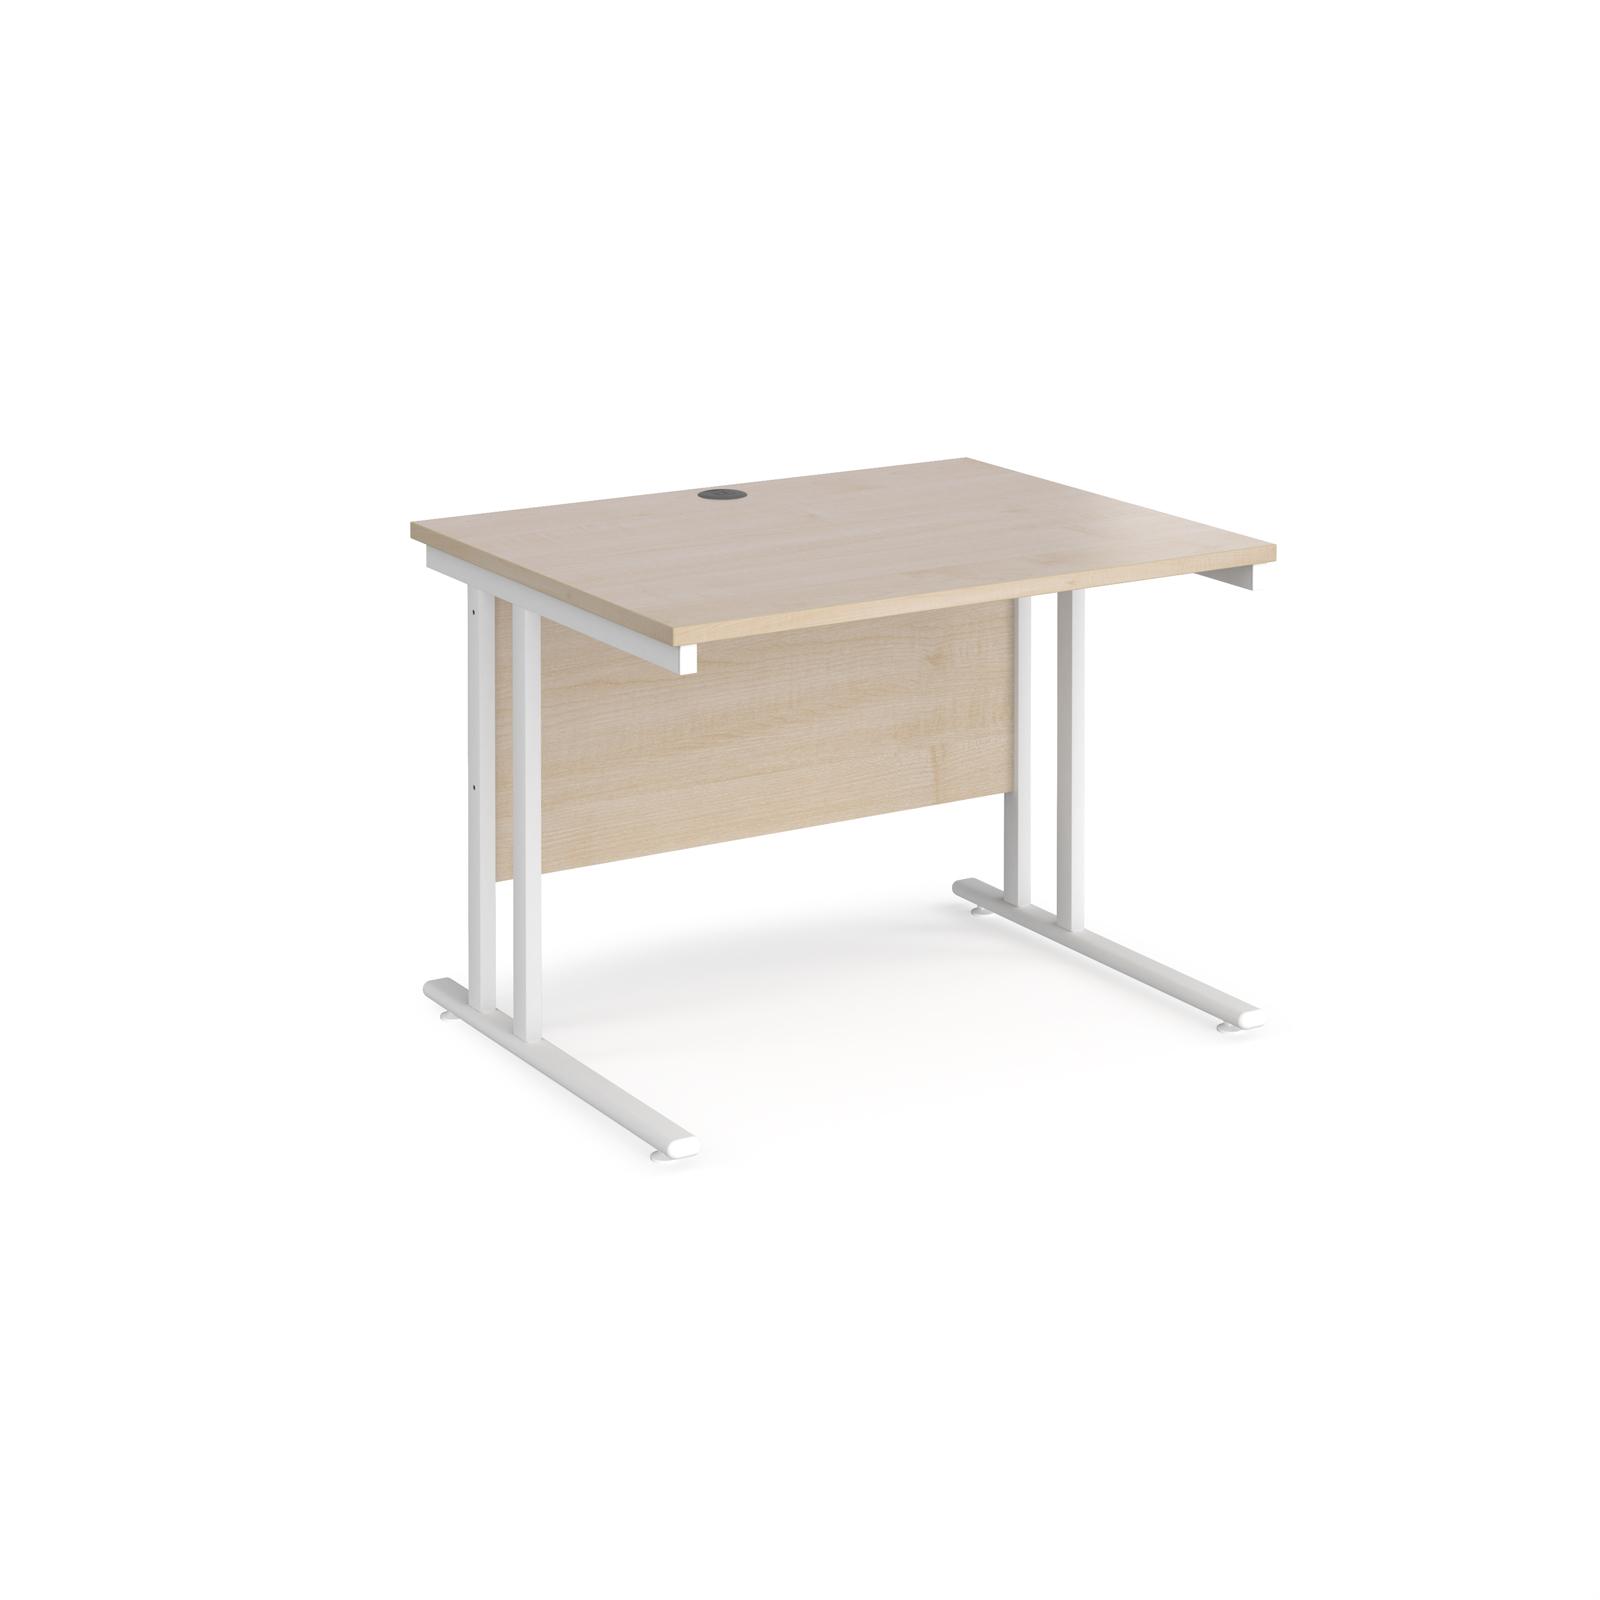 Rectangular Desks Maestro 25 straight desk 1000mm x 800mm - white cantilever leg frame, maple top